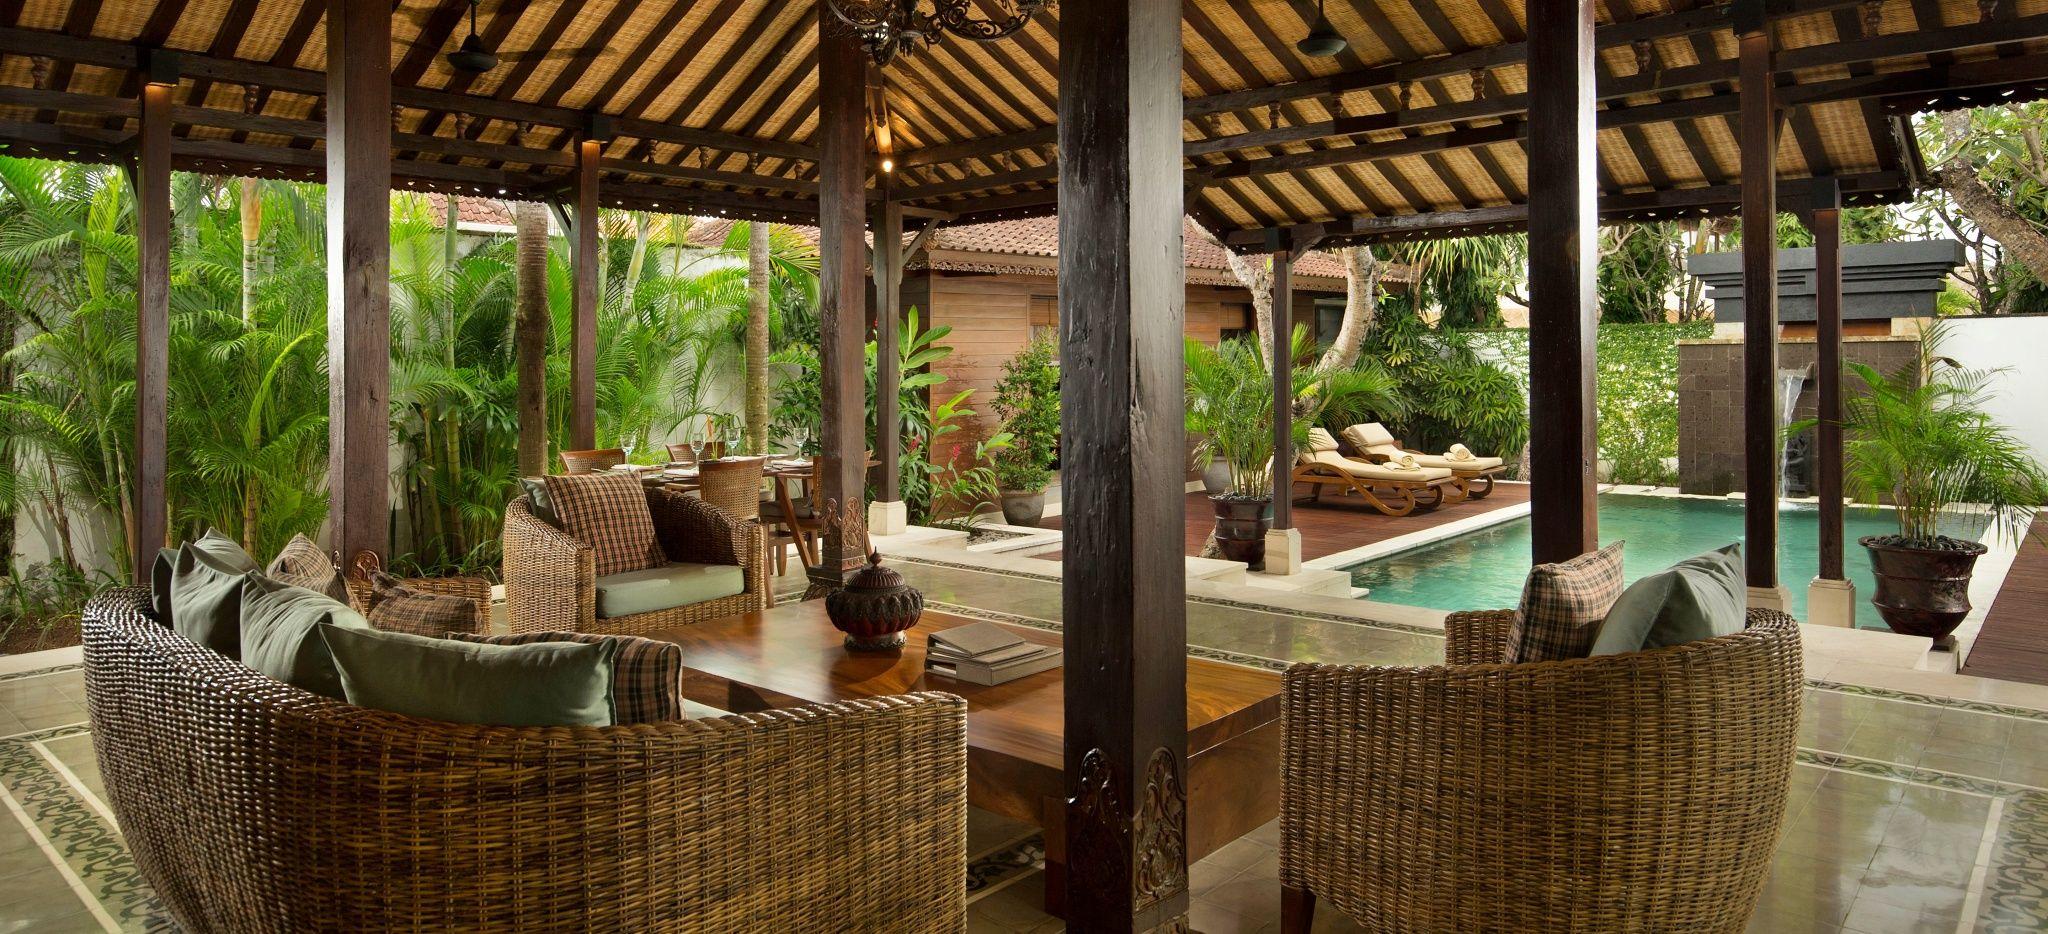 """Ein gemütlicher Überdachter Wohnbereich eines Hotelzimmers im Hotel """"The Legian"""" auf Bali"""